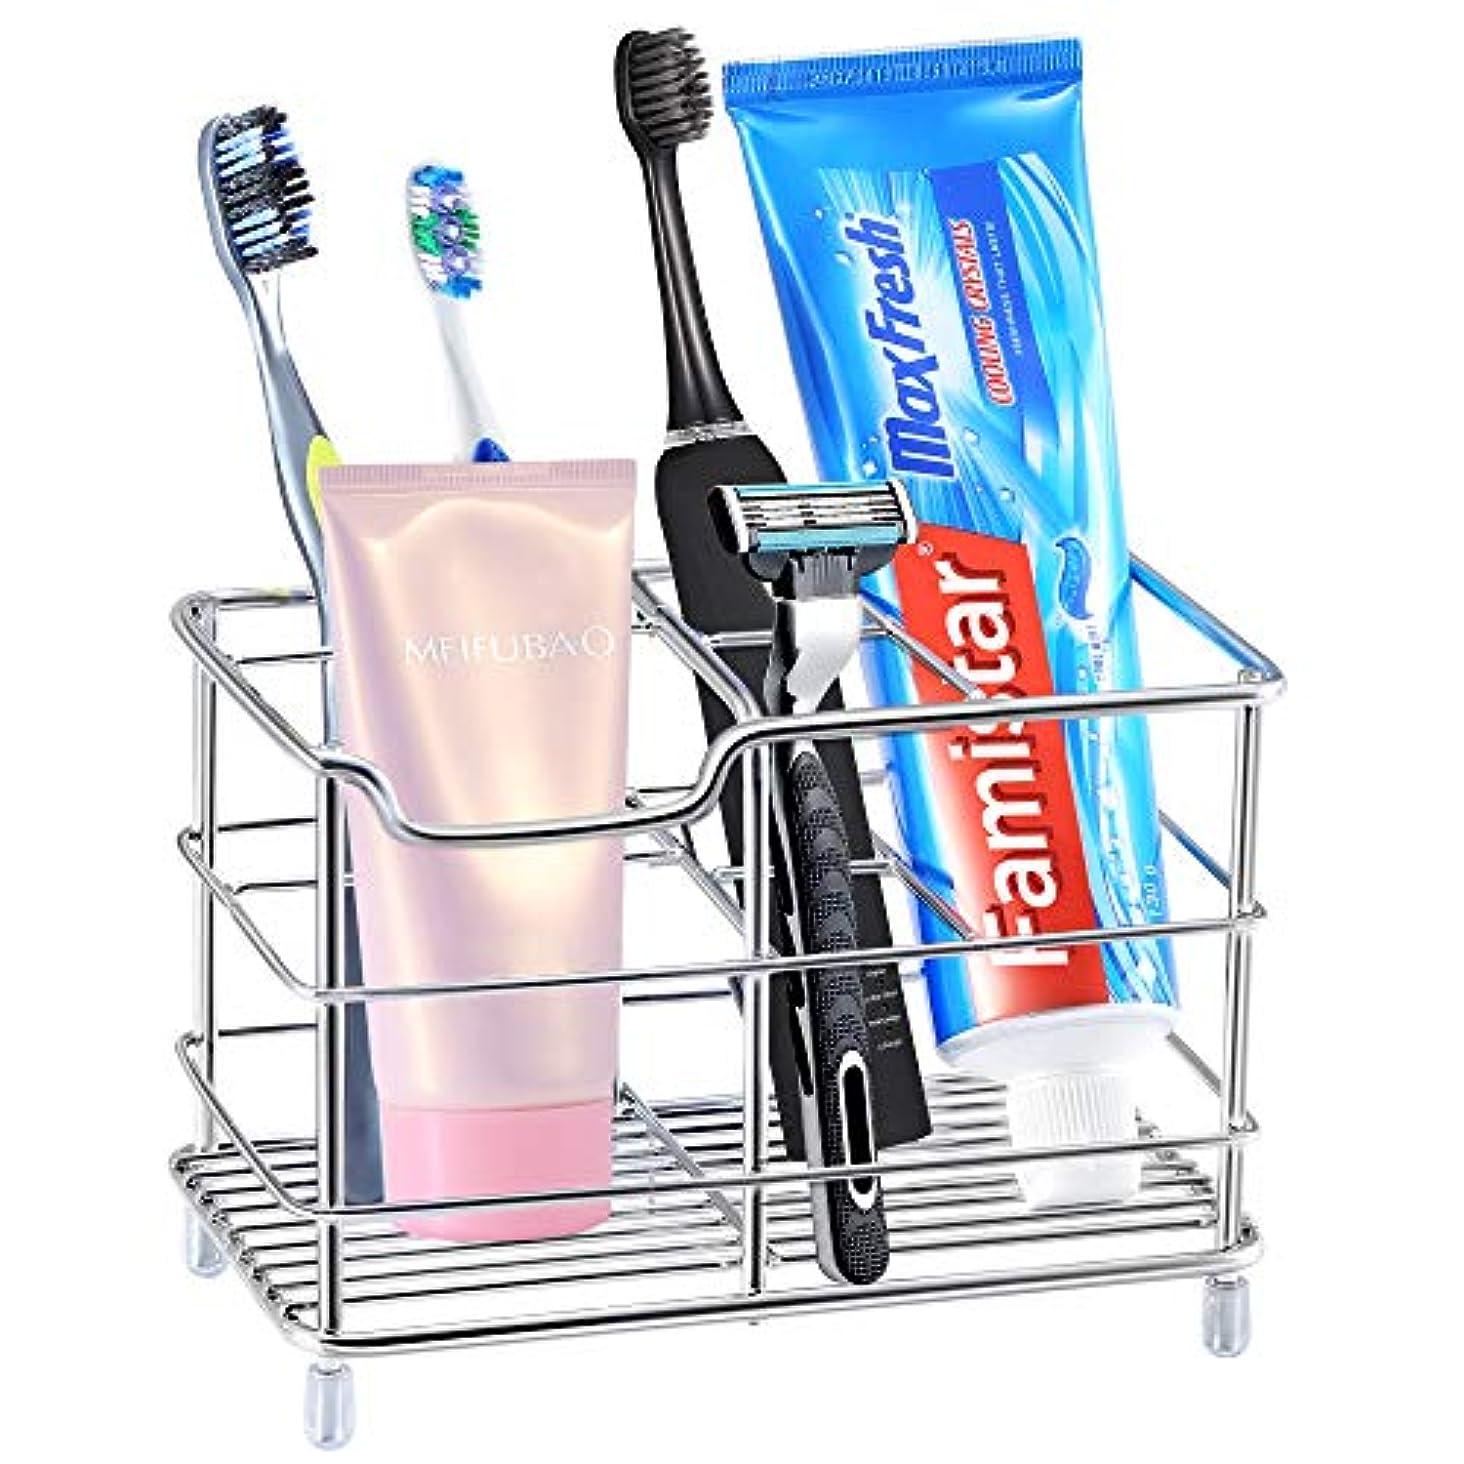 アルプスアンペア圧縮歯ブラシホルダー、famistar XLステンレススチールバスルーム多機能ストレージスタンドfor電動歯ブラシ、歯磨き粉、クレンザー、コーム